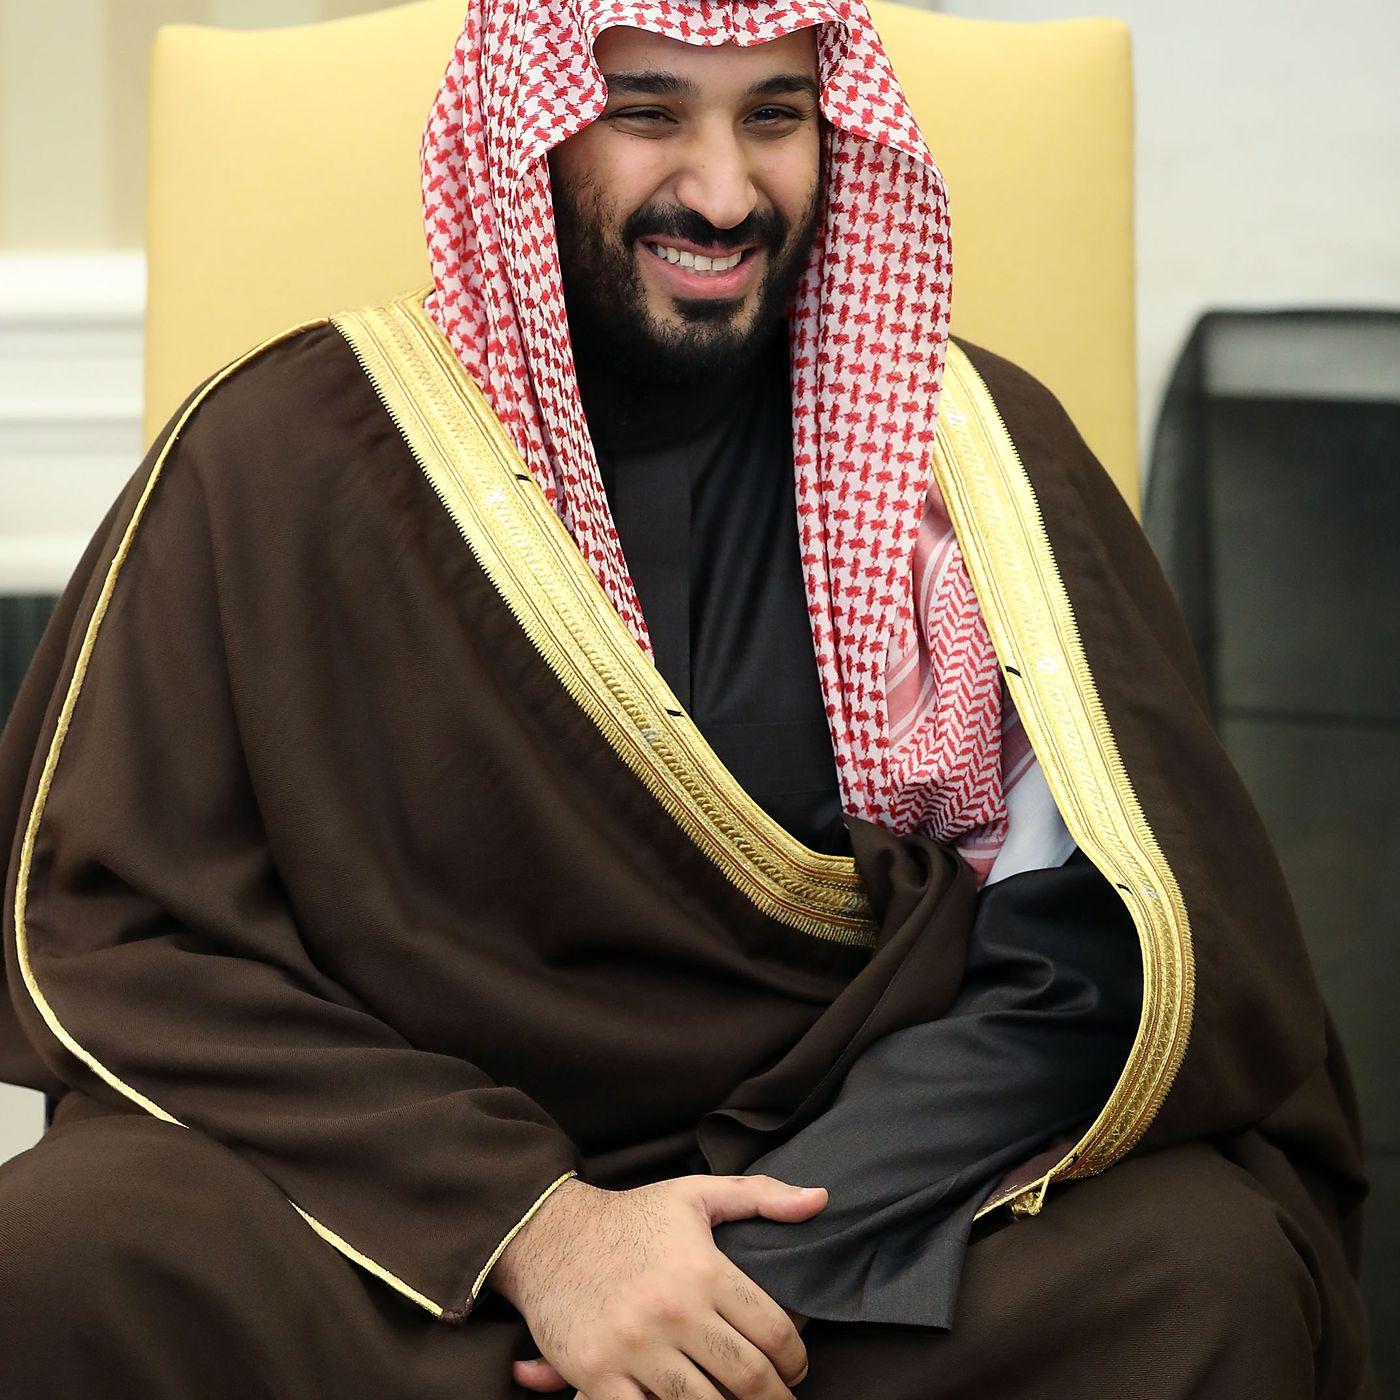 The Purge In Saudi Arabia Explained